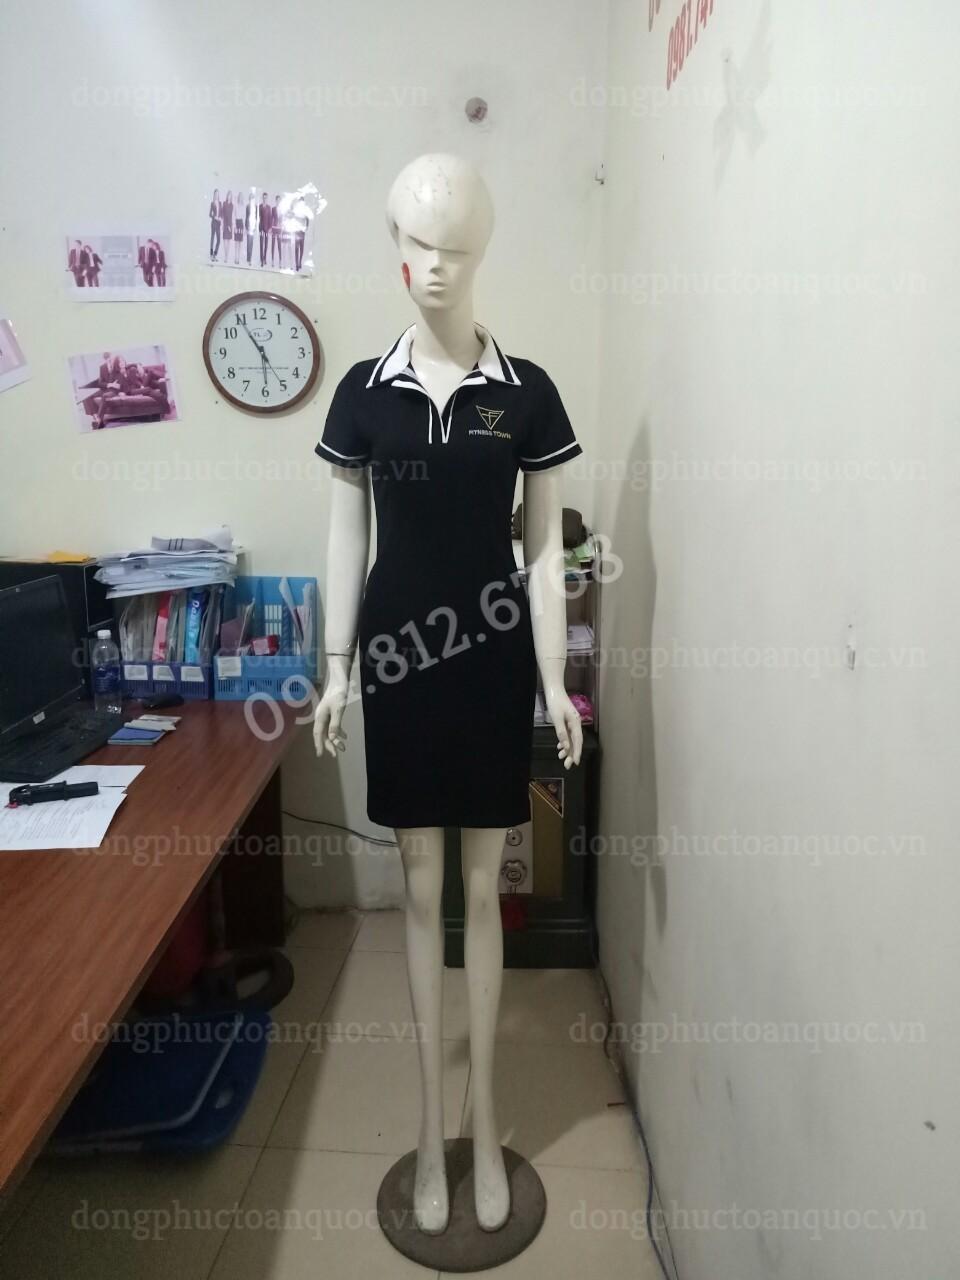 Mẫu đồng phục váy liền công sở đẹp, cập nhật xu hướng mới nhất 2018